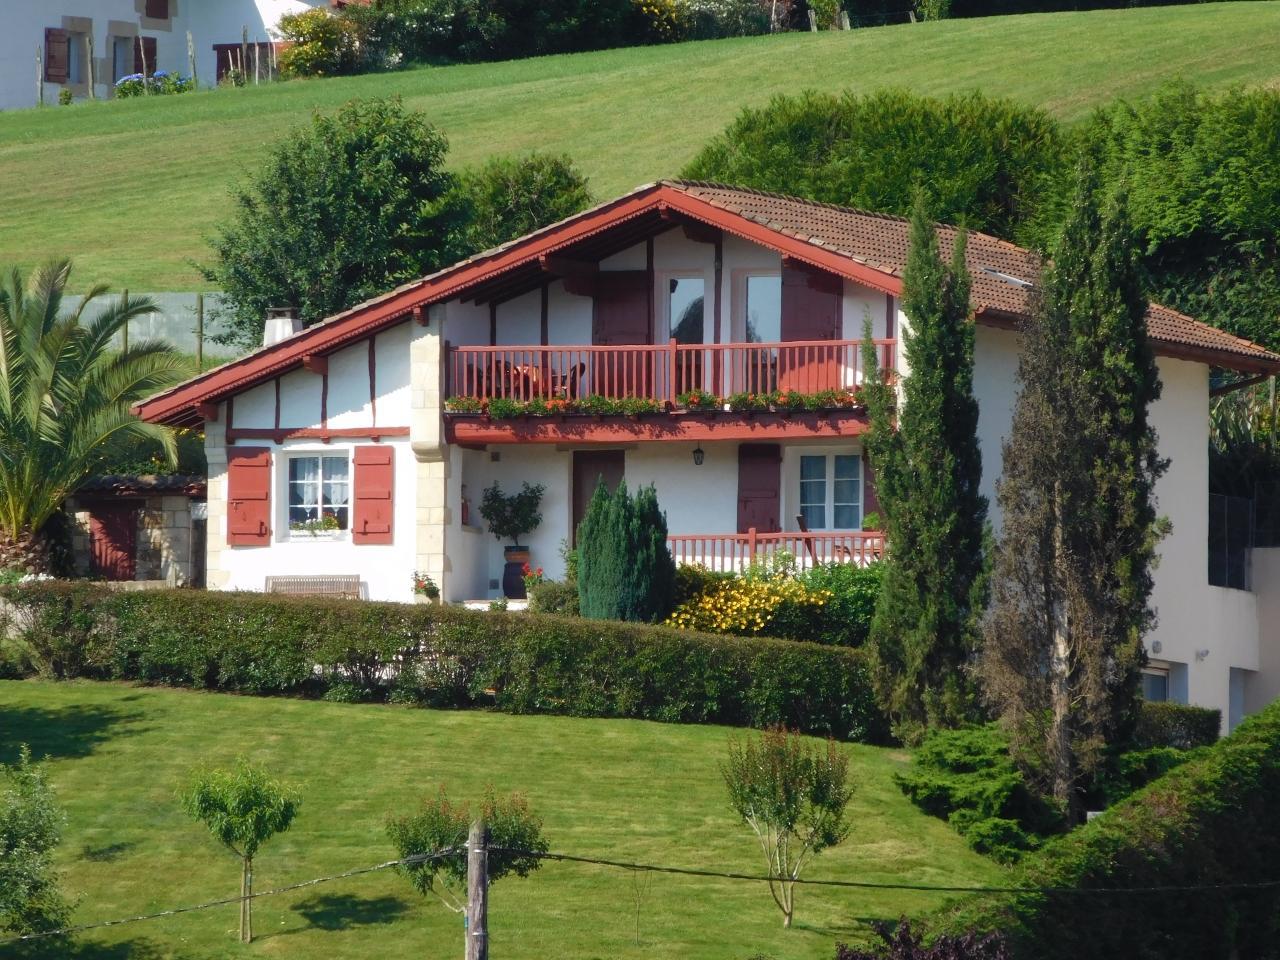 maison pays basque top maison pices au pays basque with maison pays basque top une maison. Black Bedroom Furniture Sets. Home Design Ideas